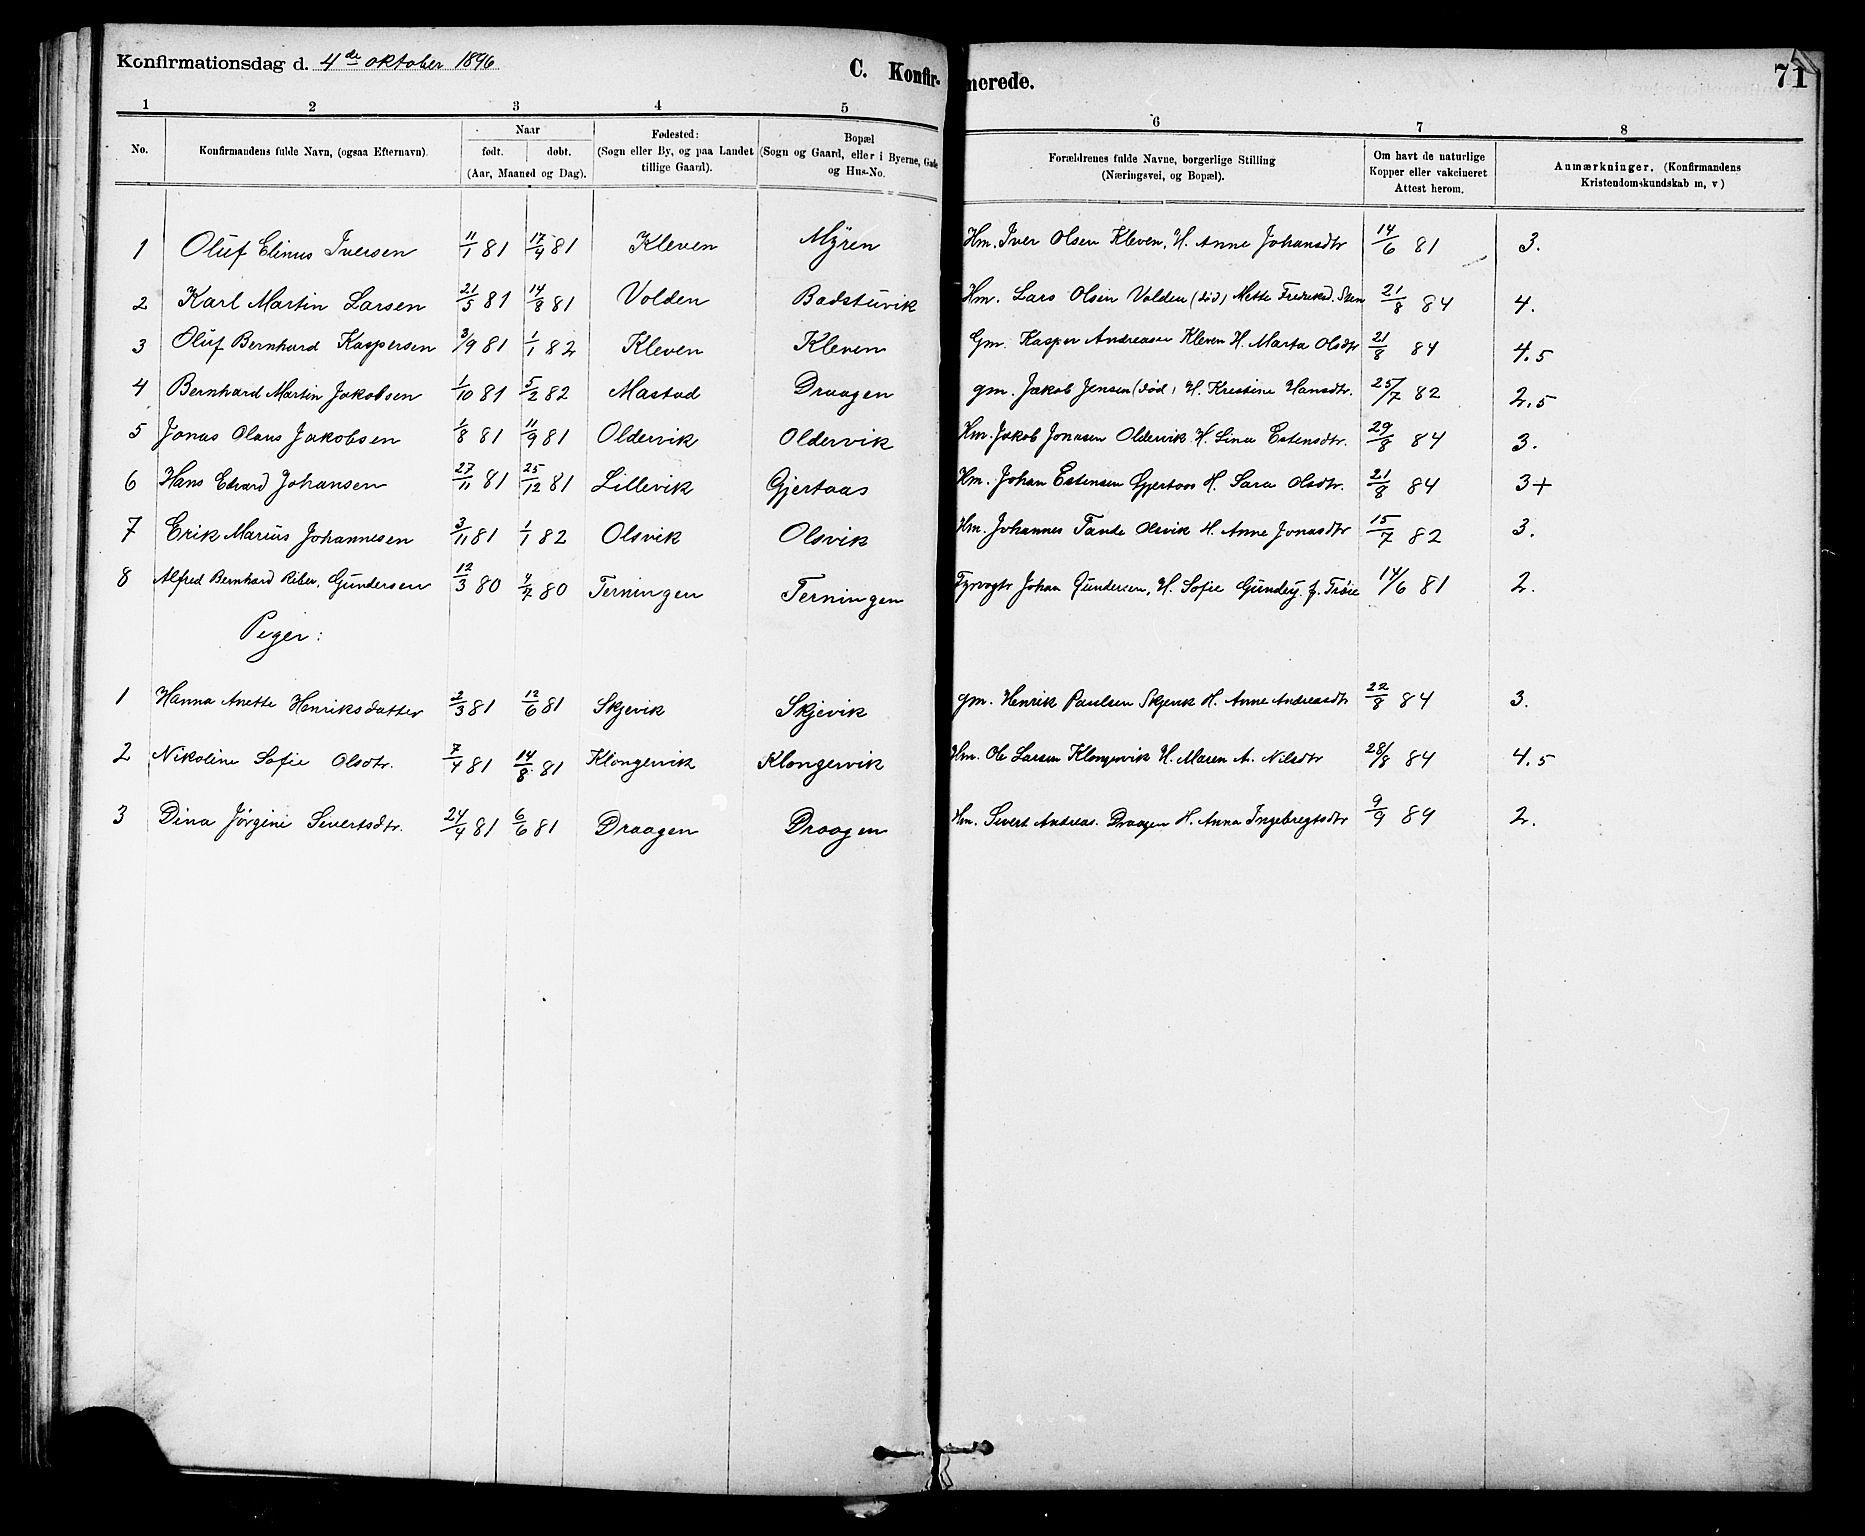 SAT, Ministerialprotokoller, klokkerbøker og fødselsregistre - Sør-Trøndelag, 639/L0573: Klokkerbok nr. 639C01, 1890-1905, s. 71